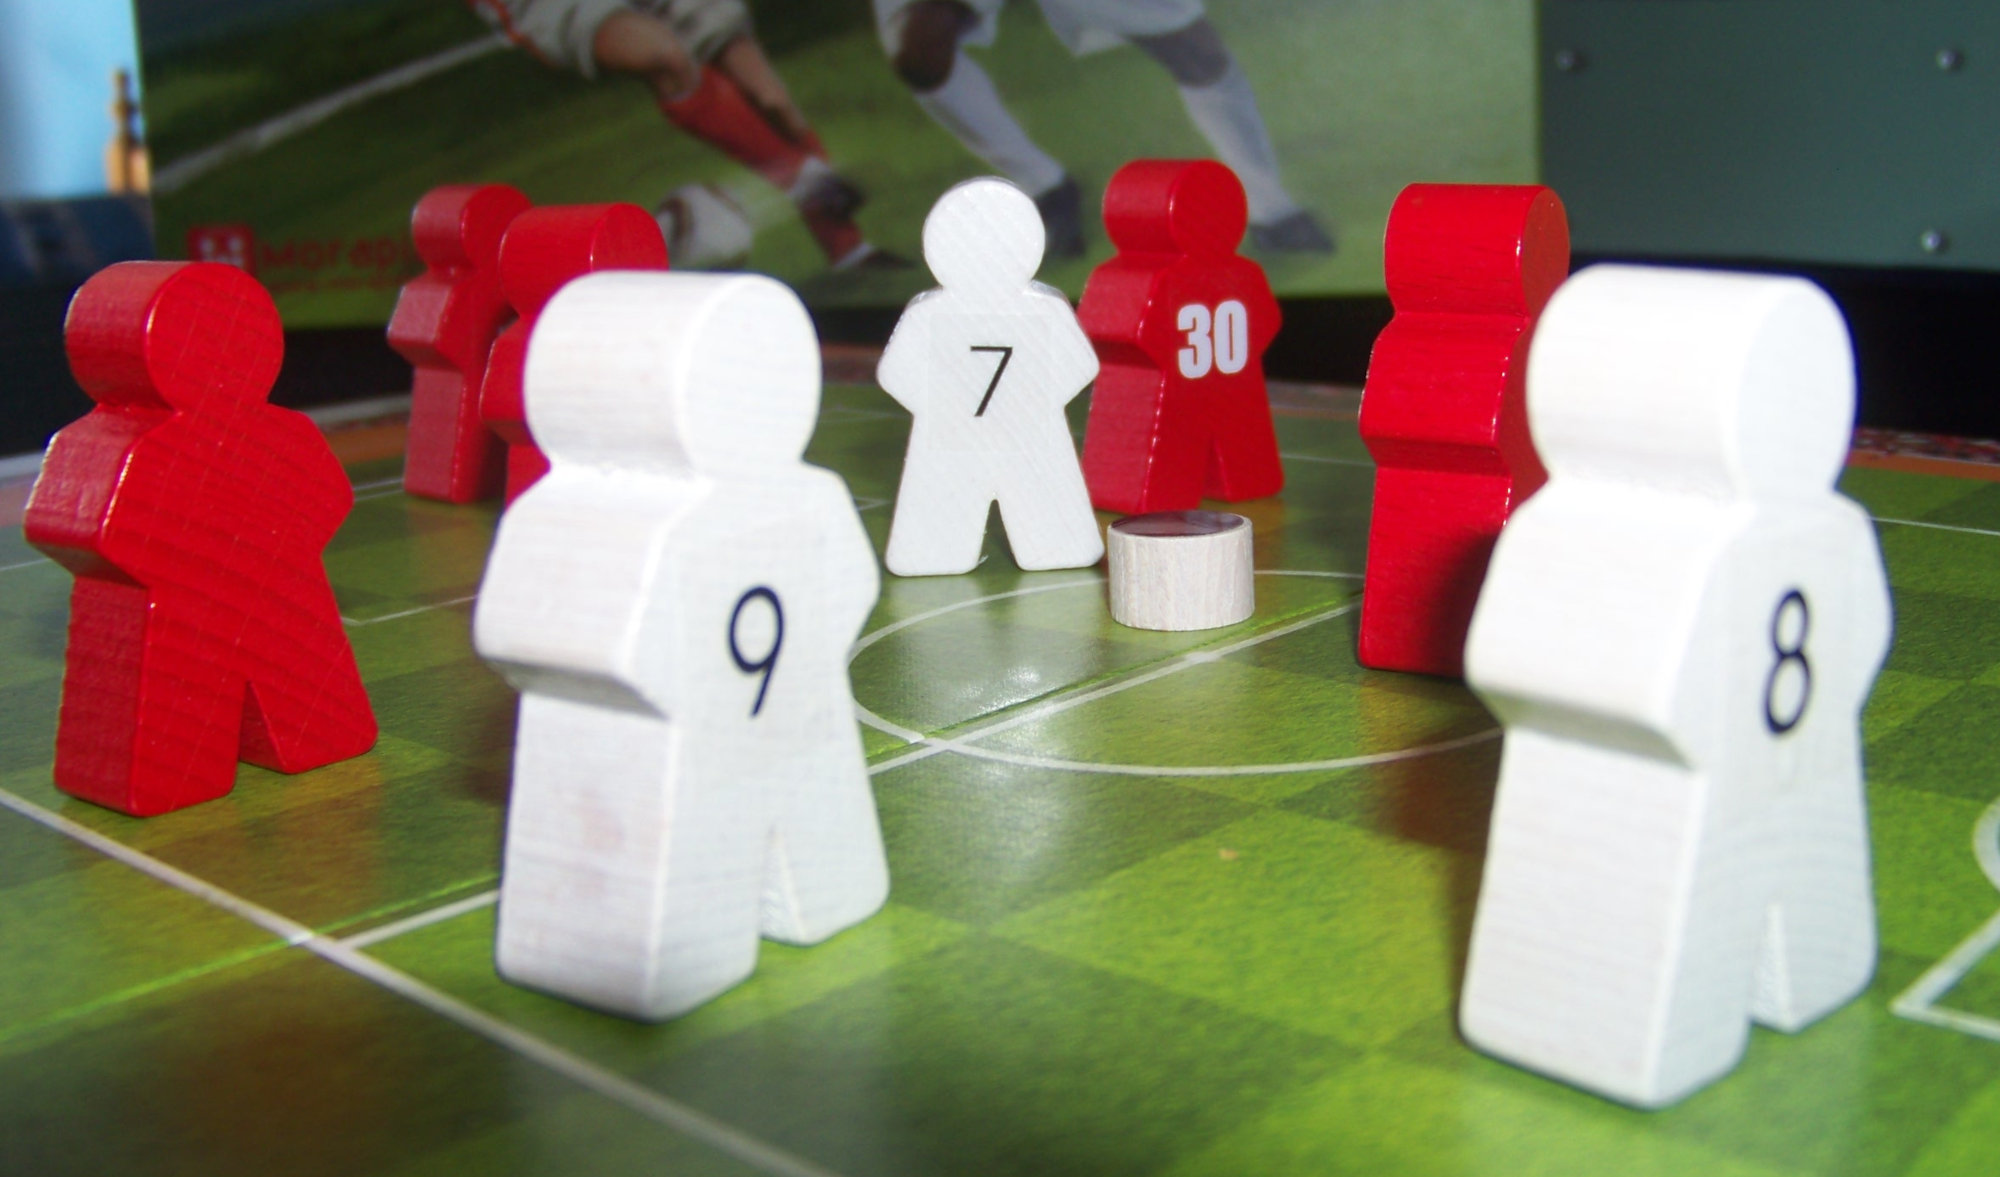 Vista en detalle del juego Mano a Mano.